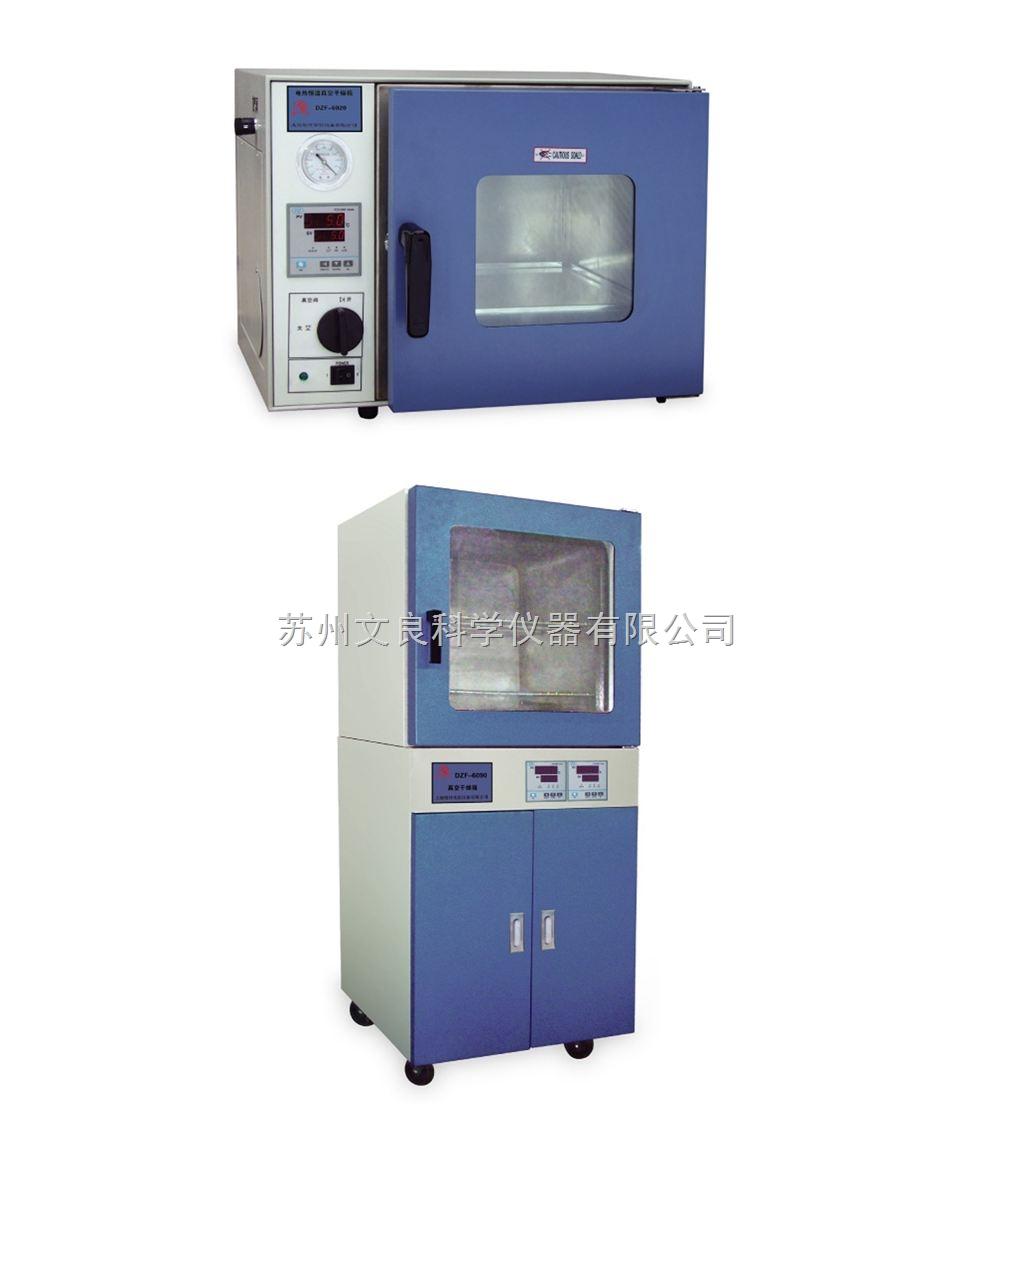 真空干燥箱 dzf-6050